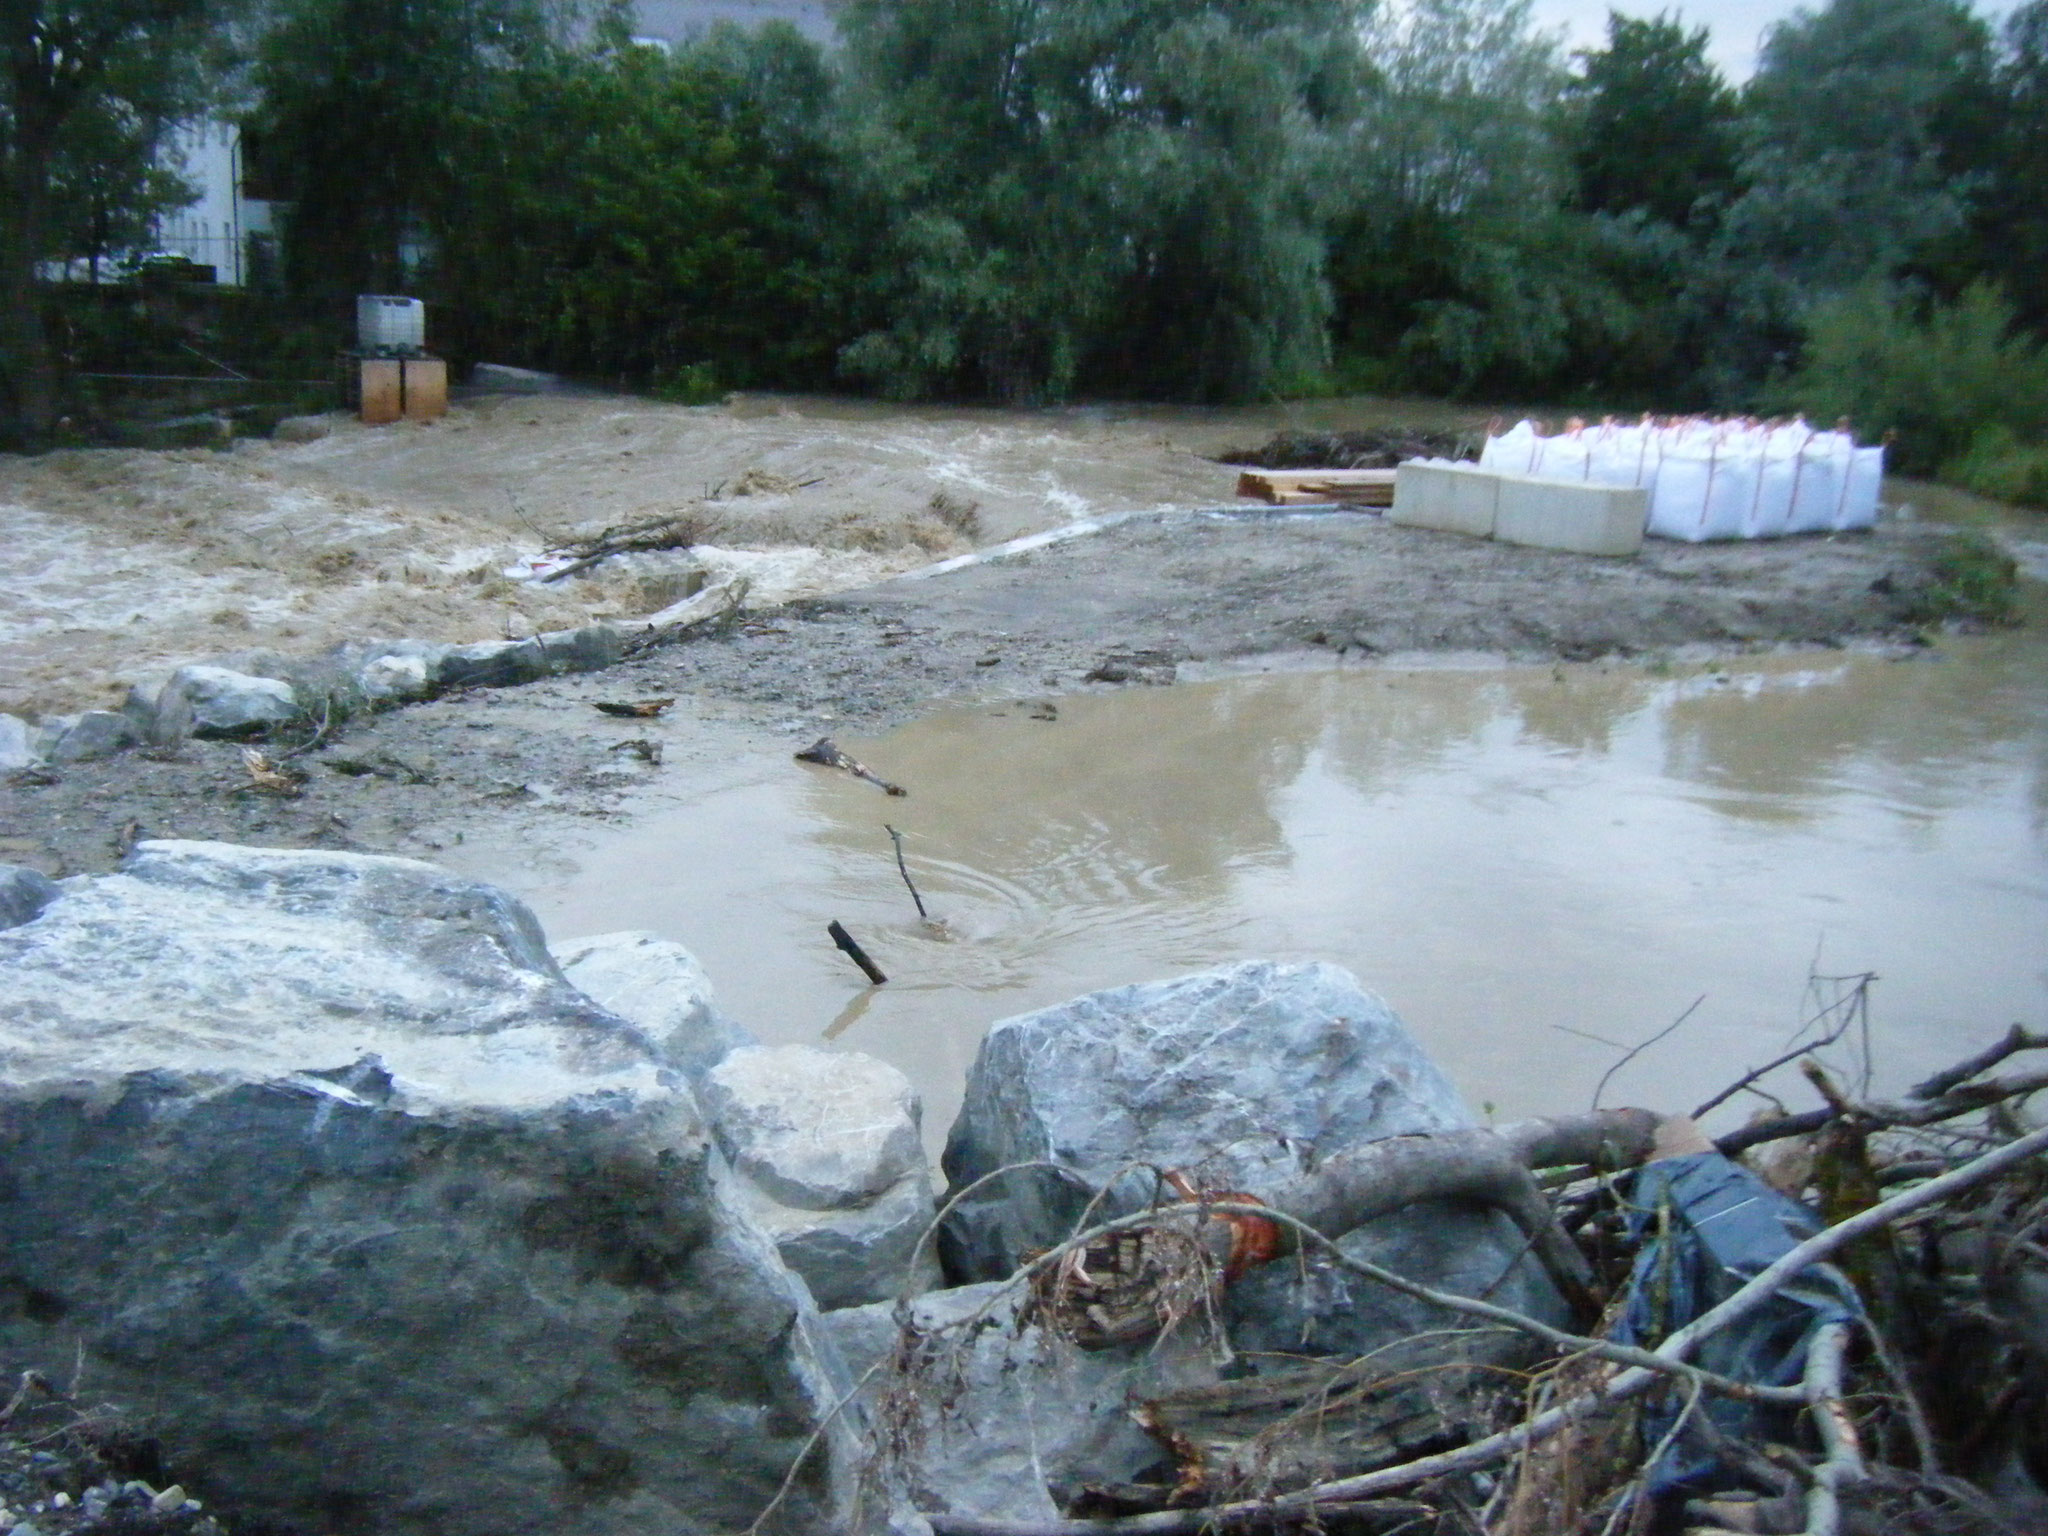 Am Damm des Allmansweiler Baches hat sich beim Rohr-Einlauf ein Strudel gebildet. Vermutlich sind die Rohre durch Schwemmgut teilweise blockiert